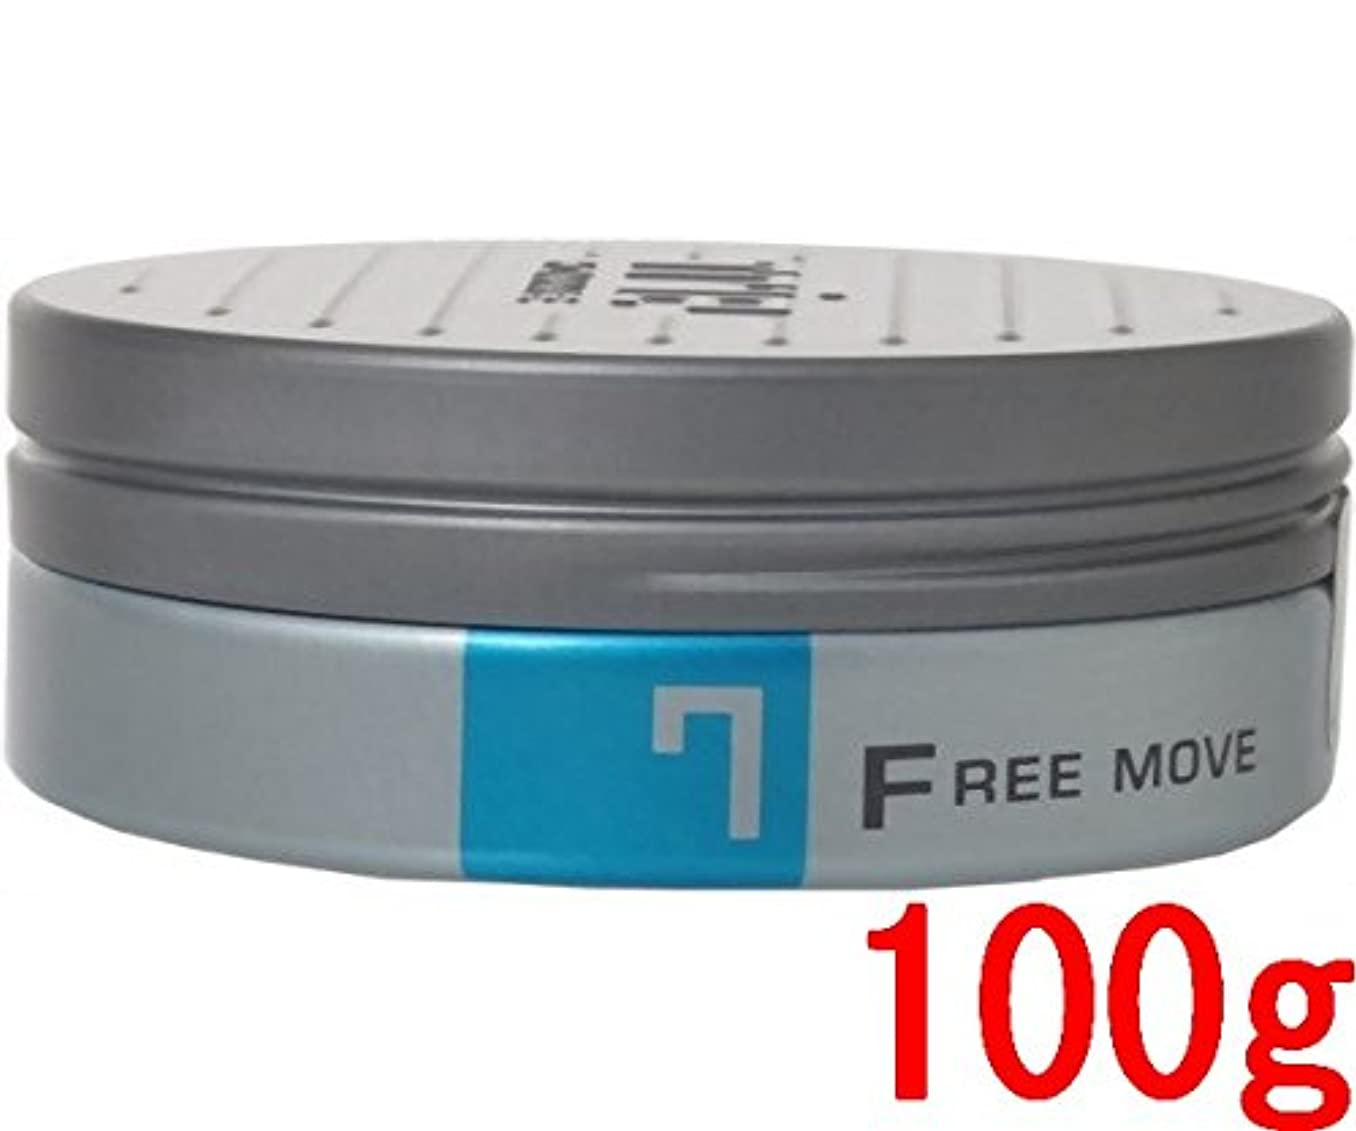 争う矩形粘着性ルベル トリエオムワックスフリームーブ7 100g